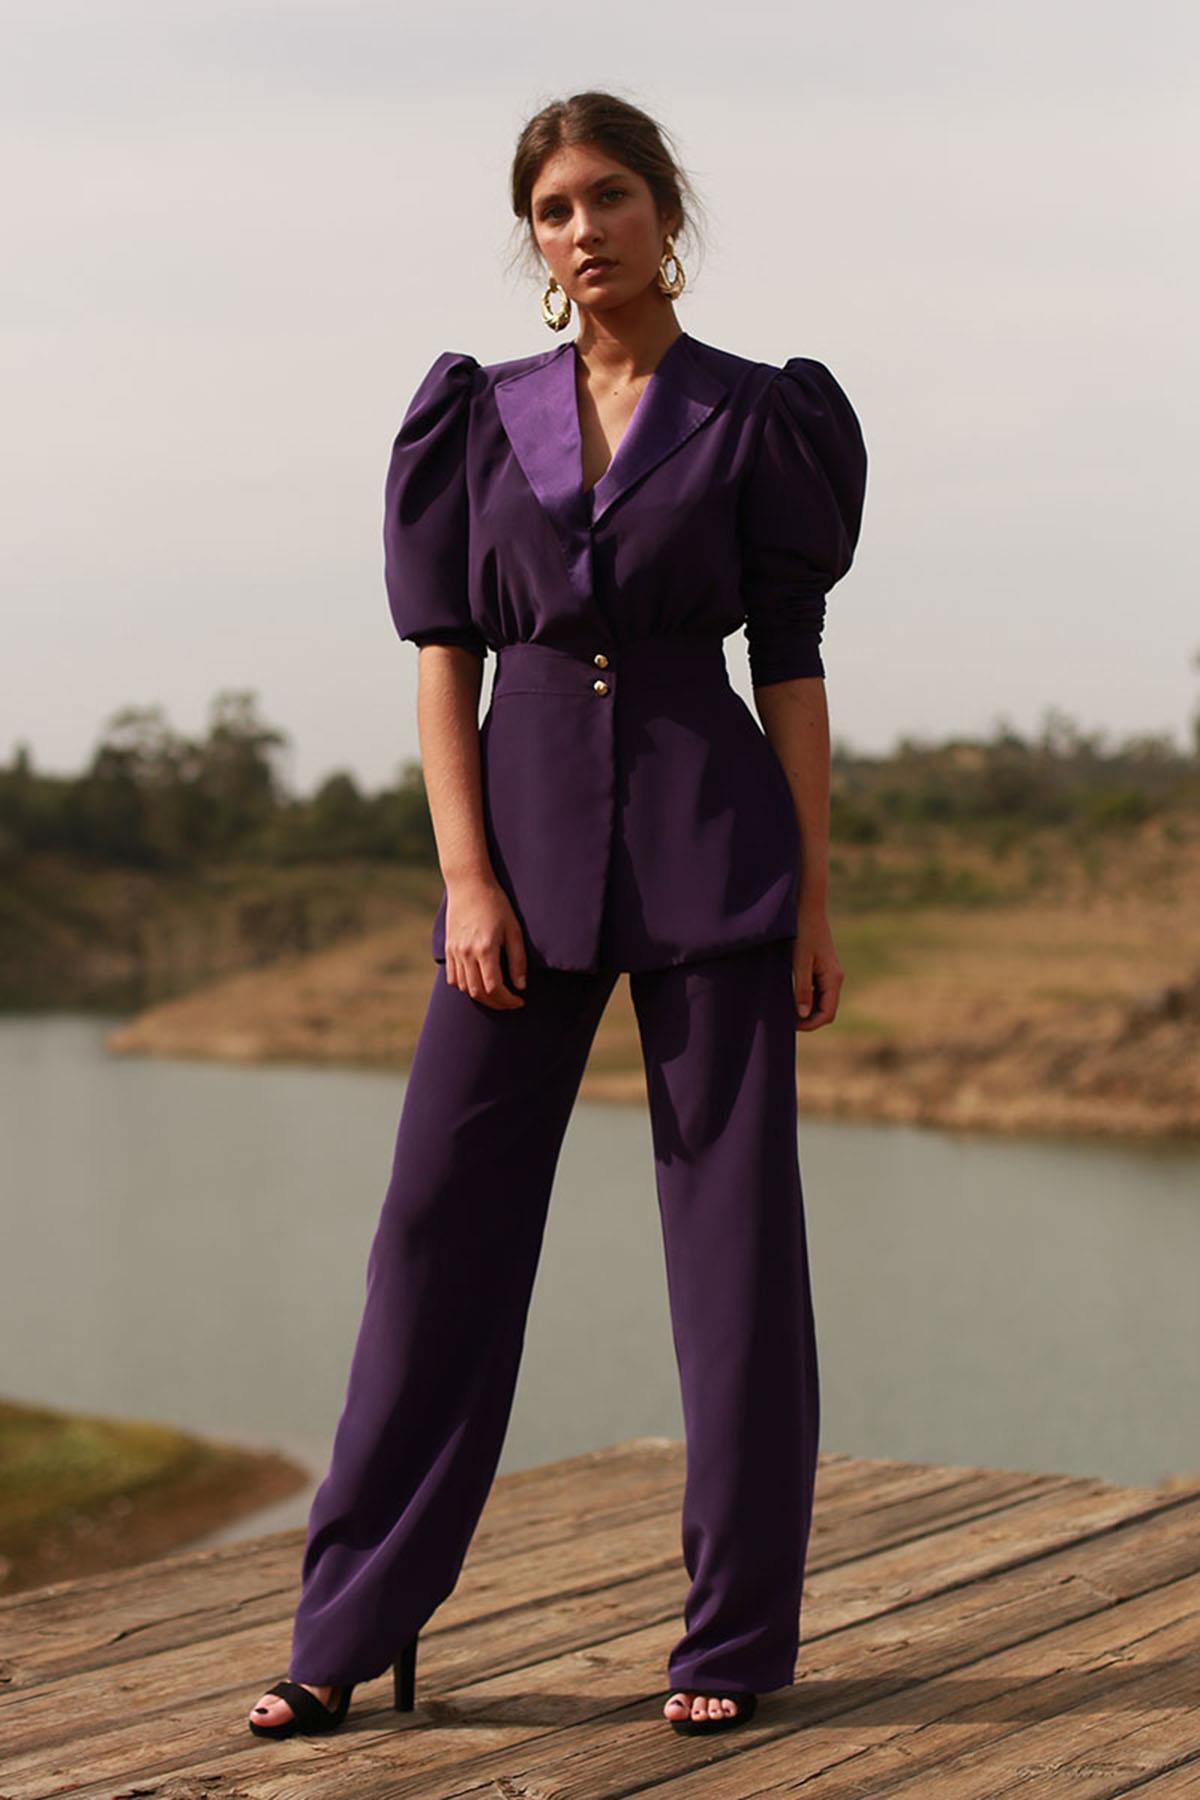 Vestidos Moda Trasquilá Otras Invitada Marcas De Y Mariquita LzqGVpSUM